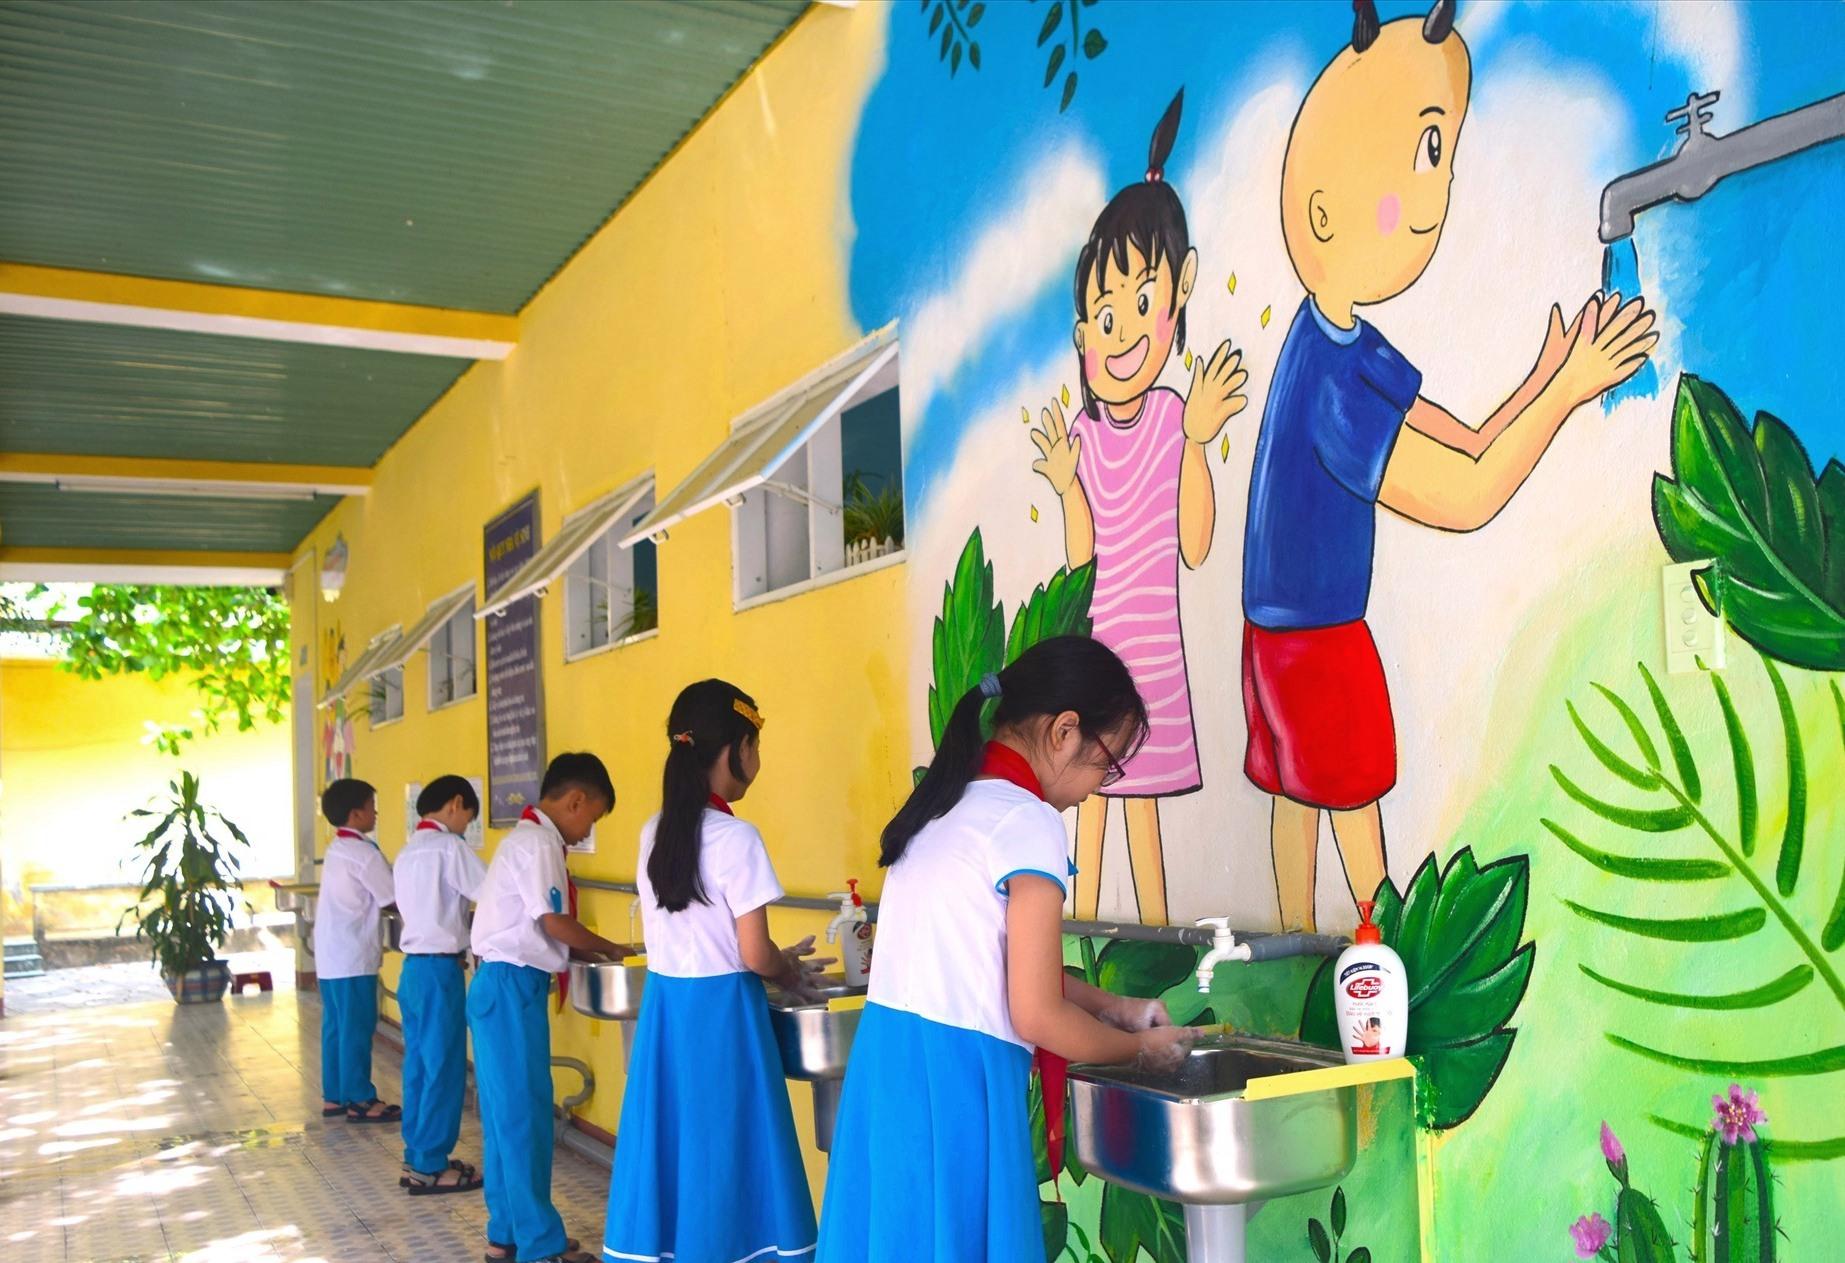 Tranh bích họa được vẽ nên mảng tường nhà vệ sinh trường Tiểu học Trần Quốc Toản. Ảnh: THÁI CƯỜNG